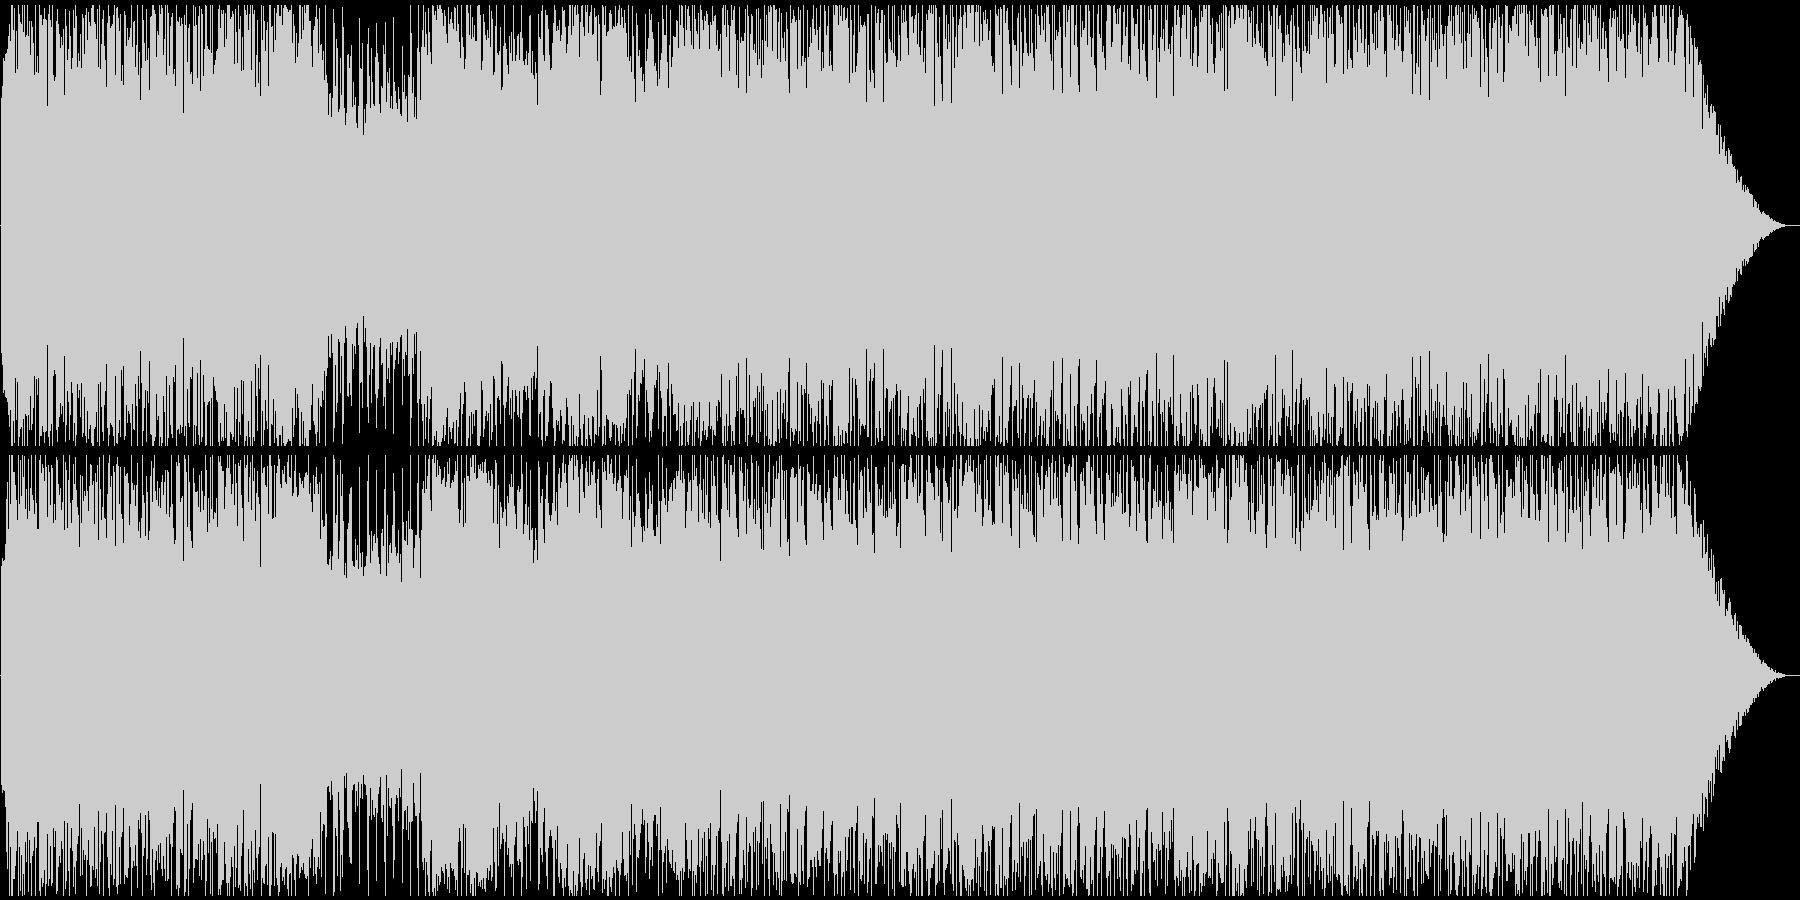 キャッチーなメロディーにカッコ良いリフの未再生の波形